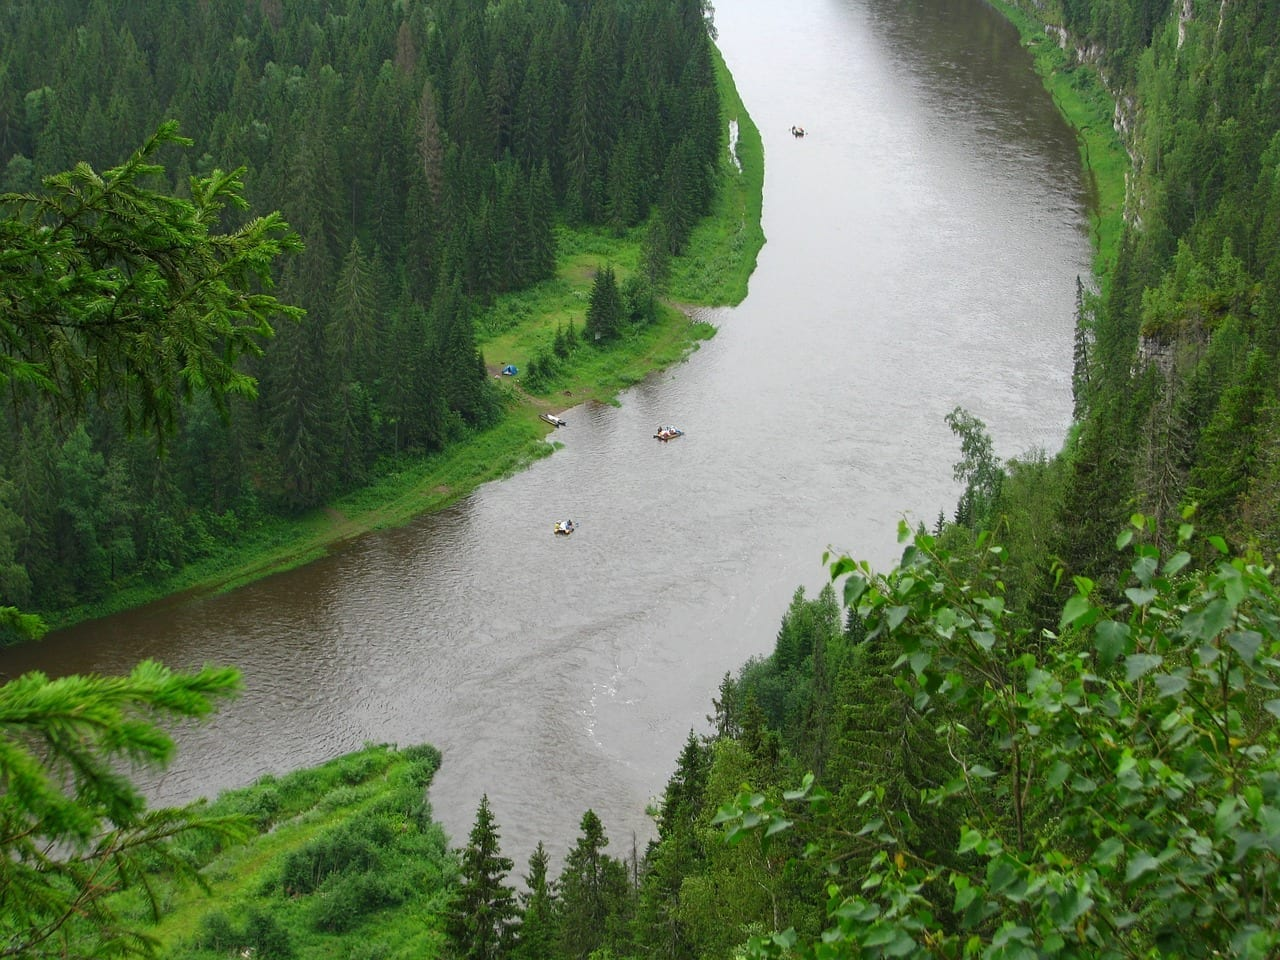 El Río усьва Krai De Perm Verano Rusia